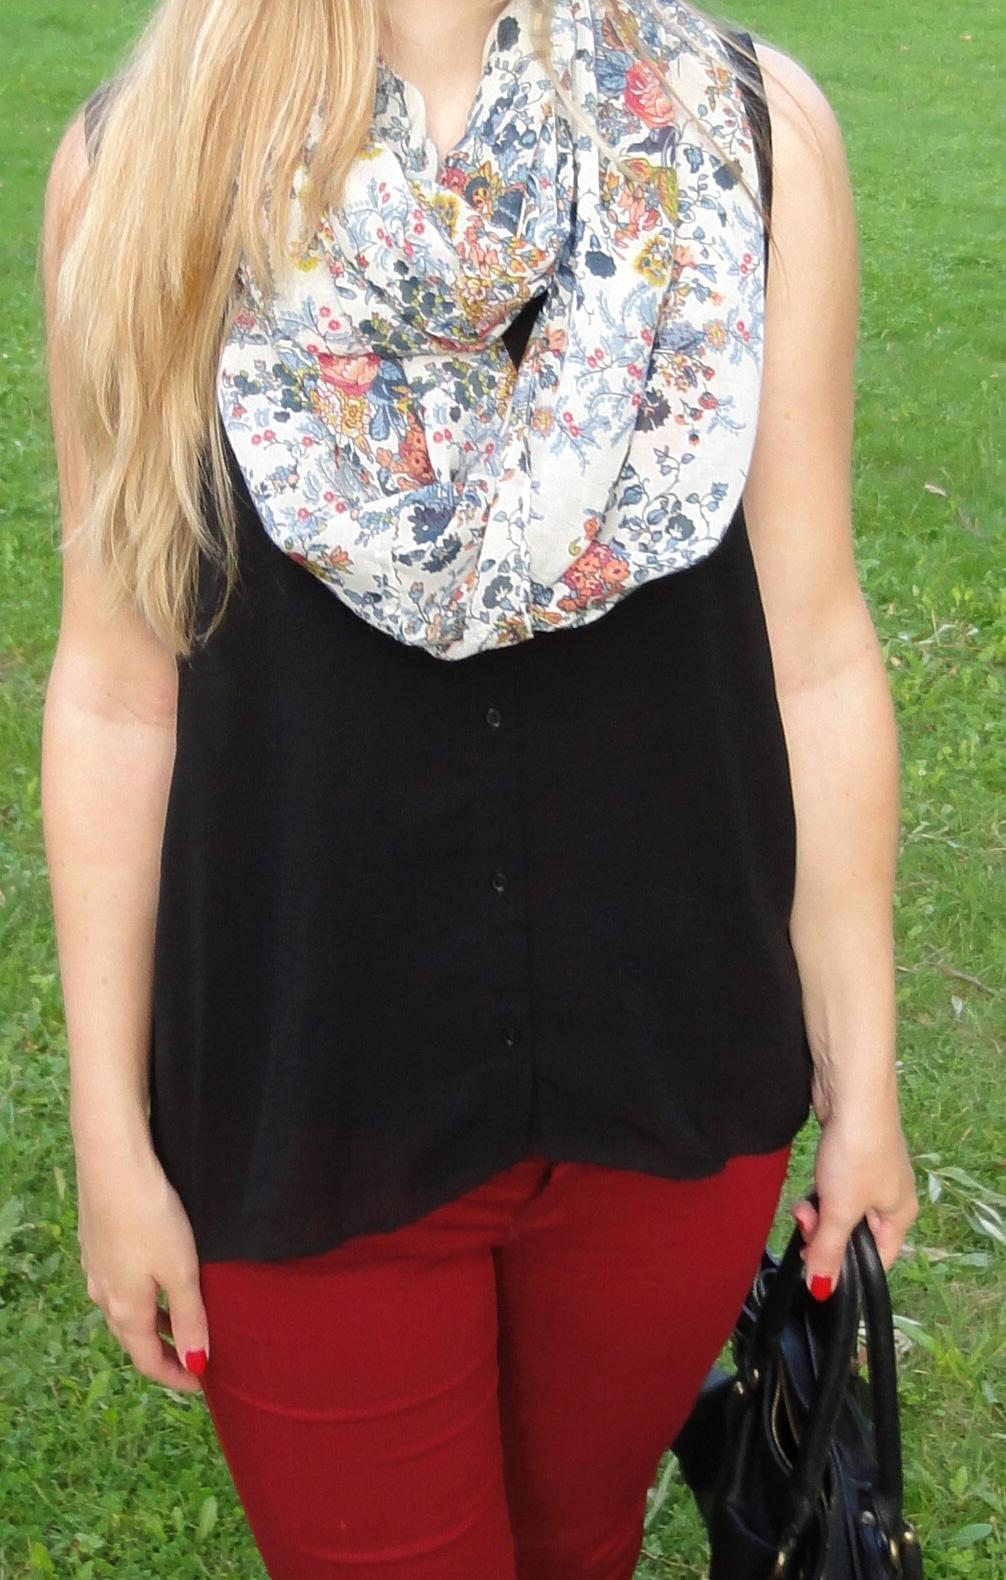 Rote Sommerhose kombinieren schwarze Bluse Outfit Schal Blumen Modeblog Stuttgart 1